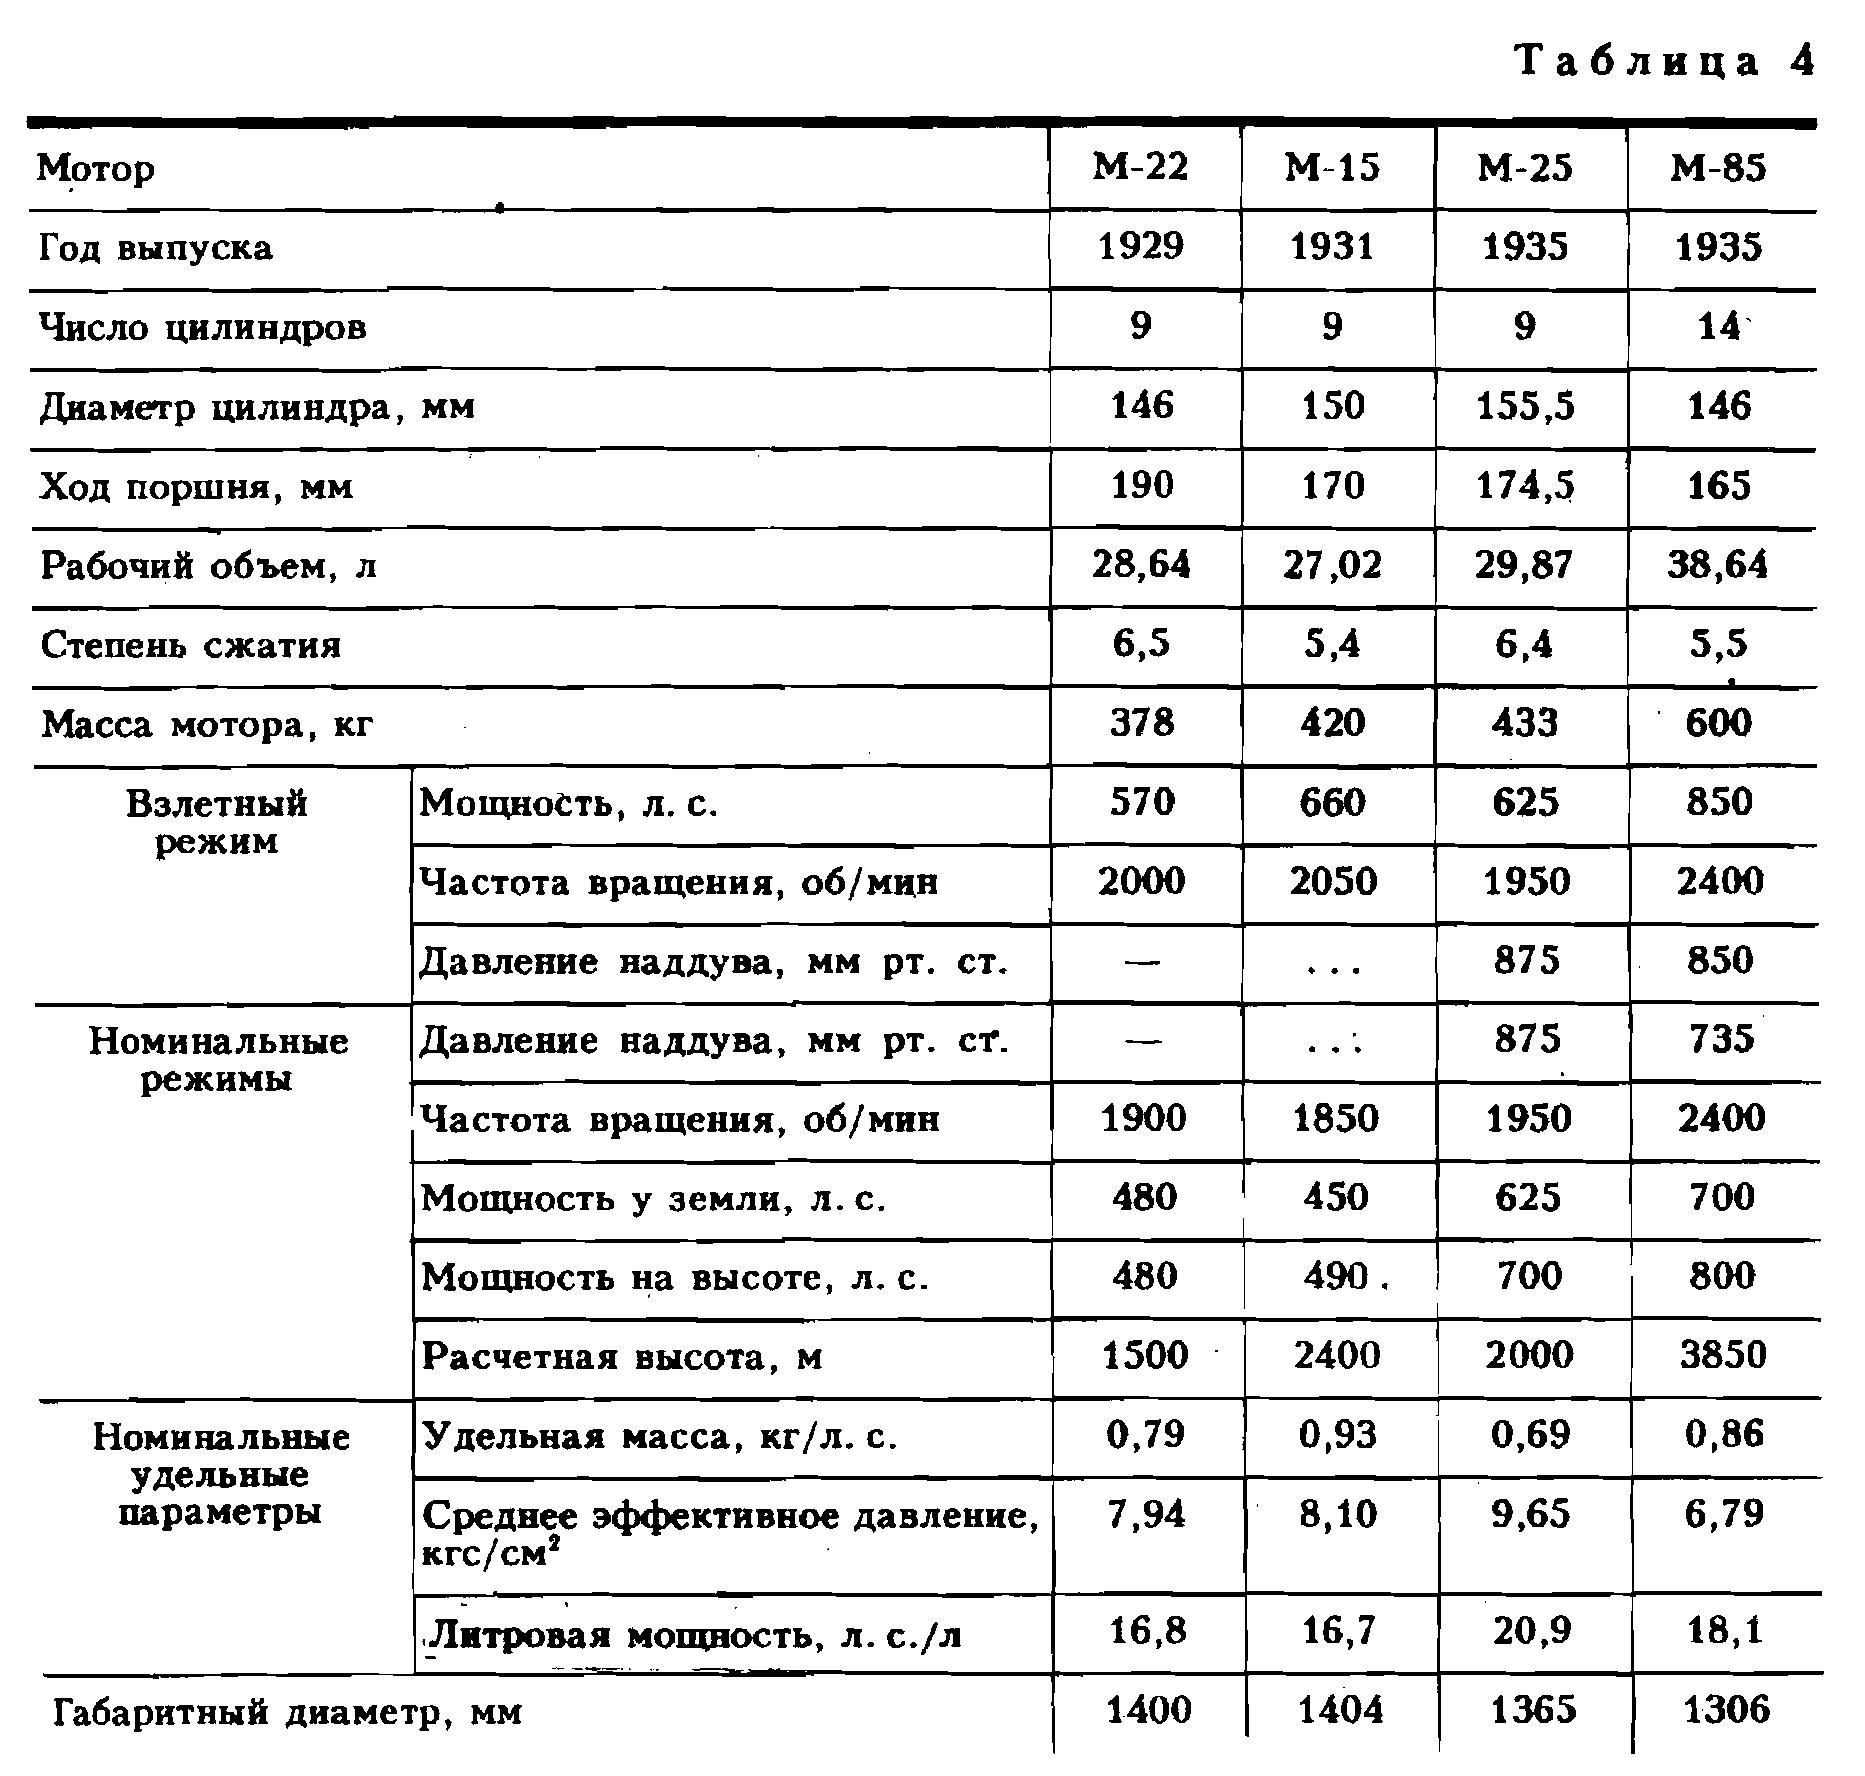 Самолетостроение в СССР 04.png